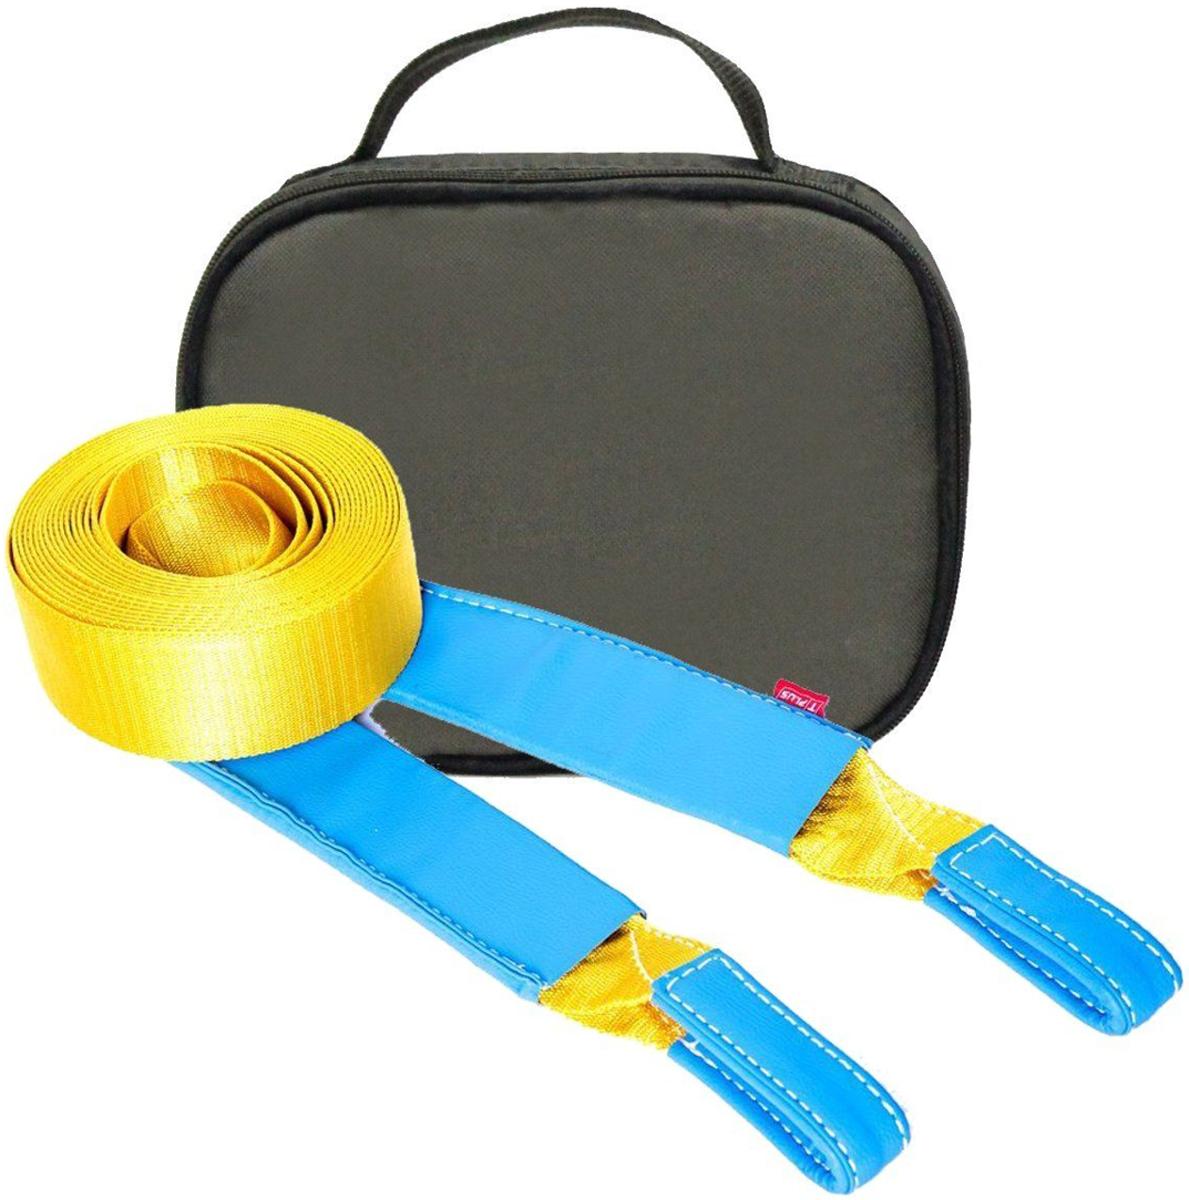 Строп динамический Tplus Стандарт, рывковый, с сумкой, цвет: оливковый, 6 т, 5 м.PANTERA SPX-2RSМинимальная разрывная нагрузка (MBS): 6 т;Длина: 5 м;Ширина ленты: 70 мм;Материал ленты: полиамид;Защита петель: экокожа;Защита швов: экокожа;Эластичность (удлинение при нагрузке): 20%;Исполнение: петля/петля;Применяется для а/м массой* от 1 до 1.8 т;Сумка (оксфорд);Гарантия: 1 год.*масса а/м = снаряженная масса а/м + 100 кг (+20% при эвакуации а/м из грязи).Если а/м оснащен дополнительным оборудованием (силовой бампер, лебёдка и т. п.), то масса а/м = снаряженная масса а/м + 100 кг + масса дополнительно установленного навесного оборудования (+20% при эвакуации а/м из грязи).